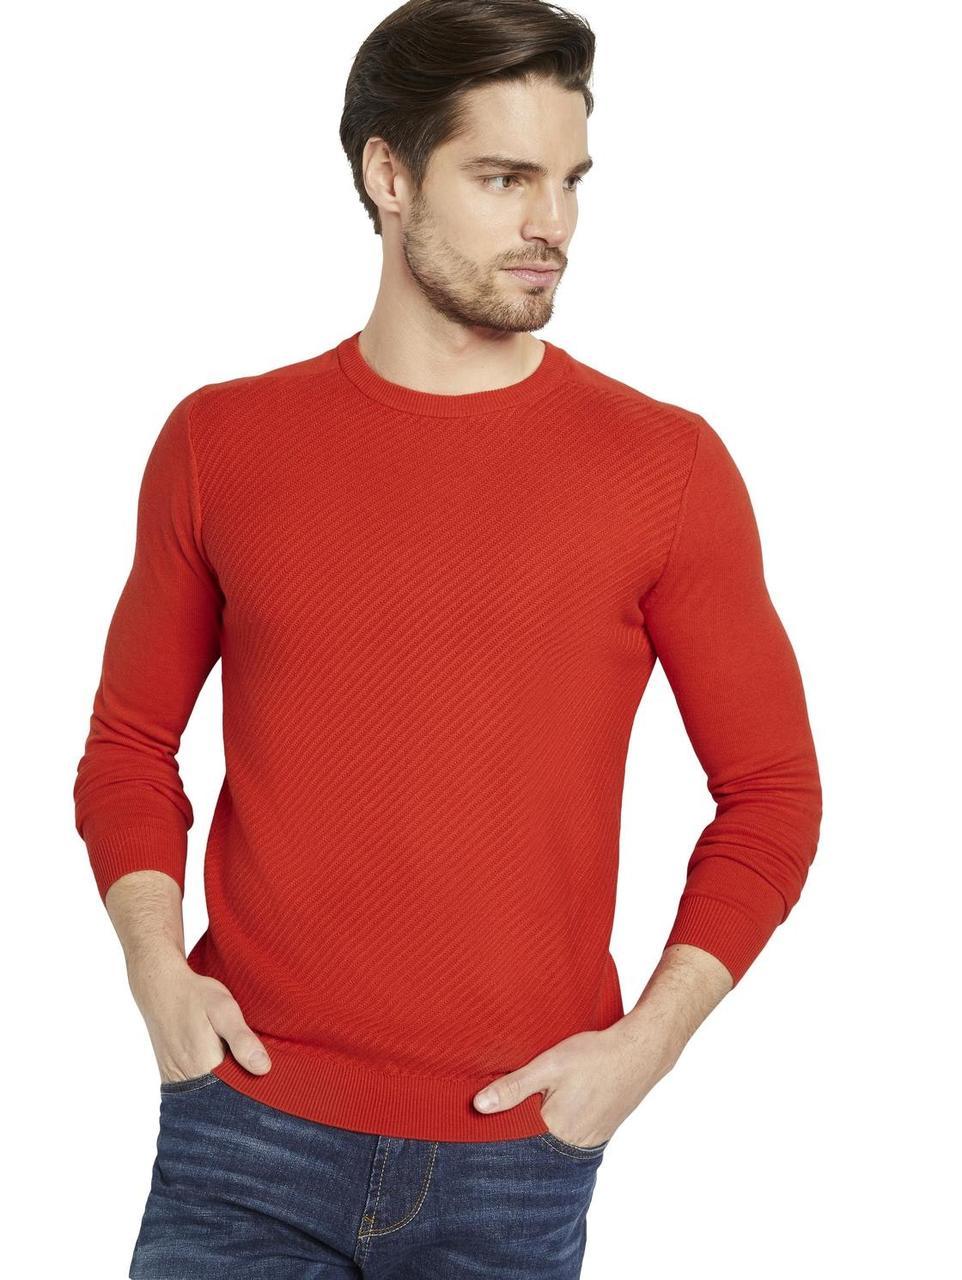 Джемпер Tom Tailor 1013161 XL Красный